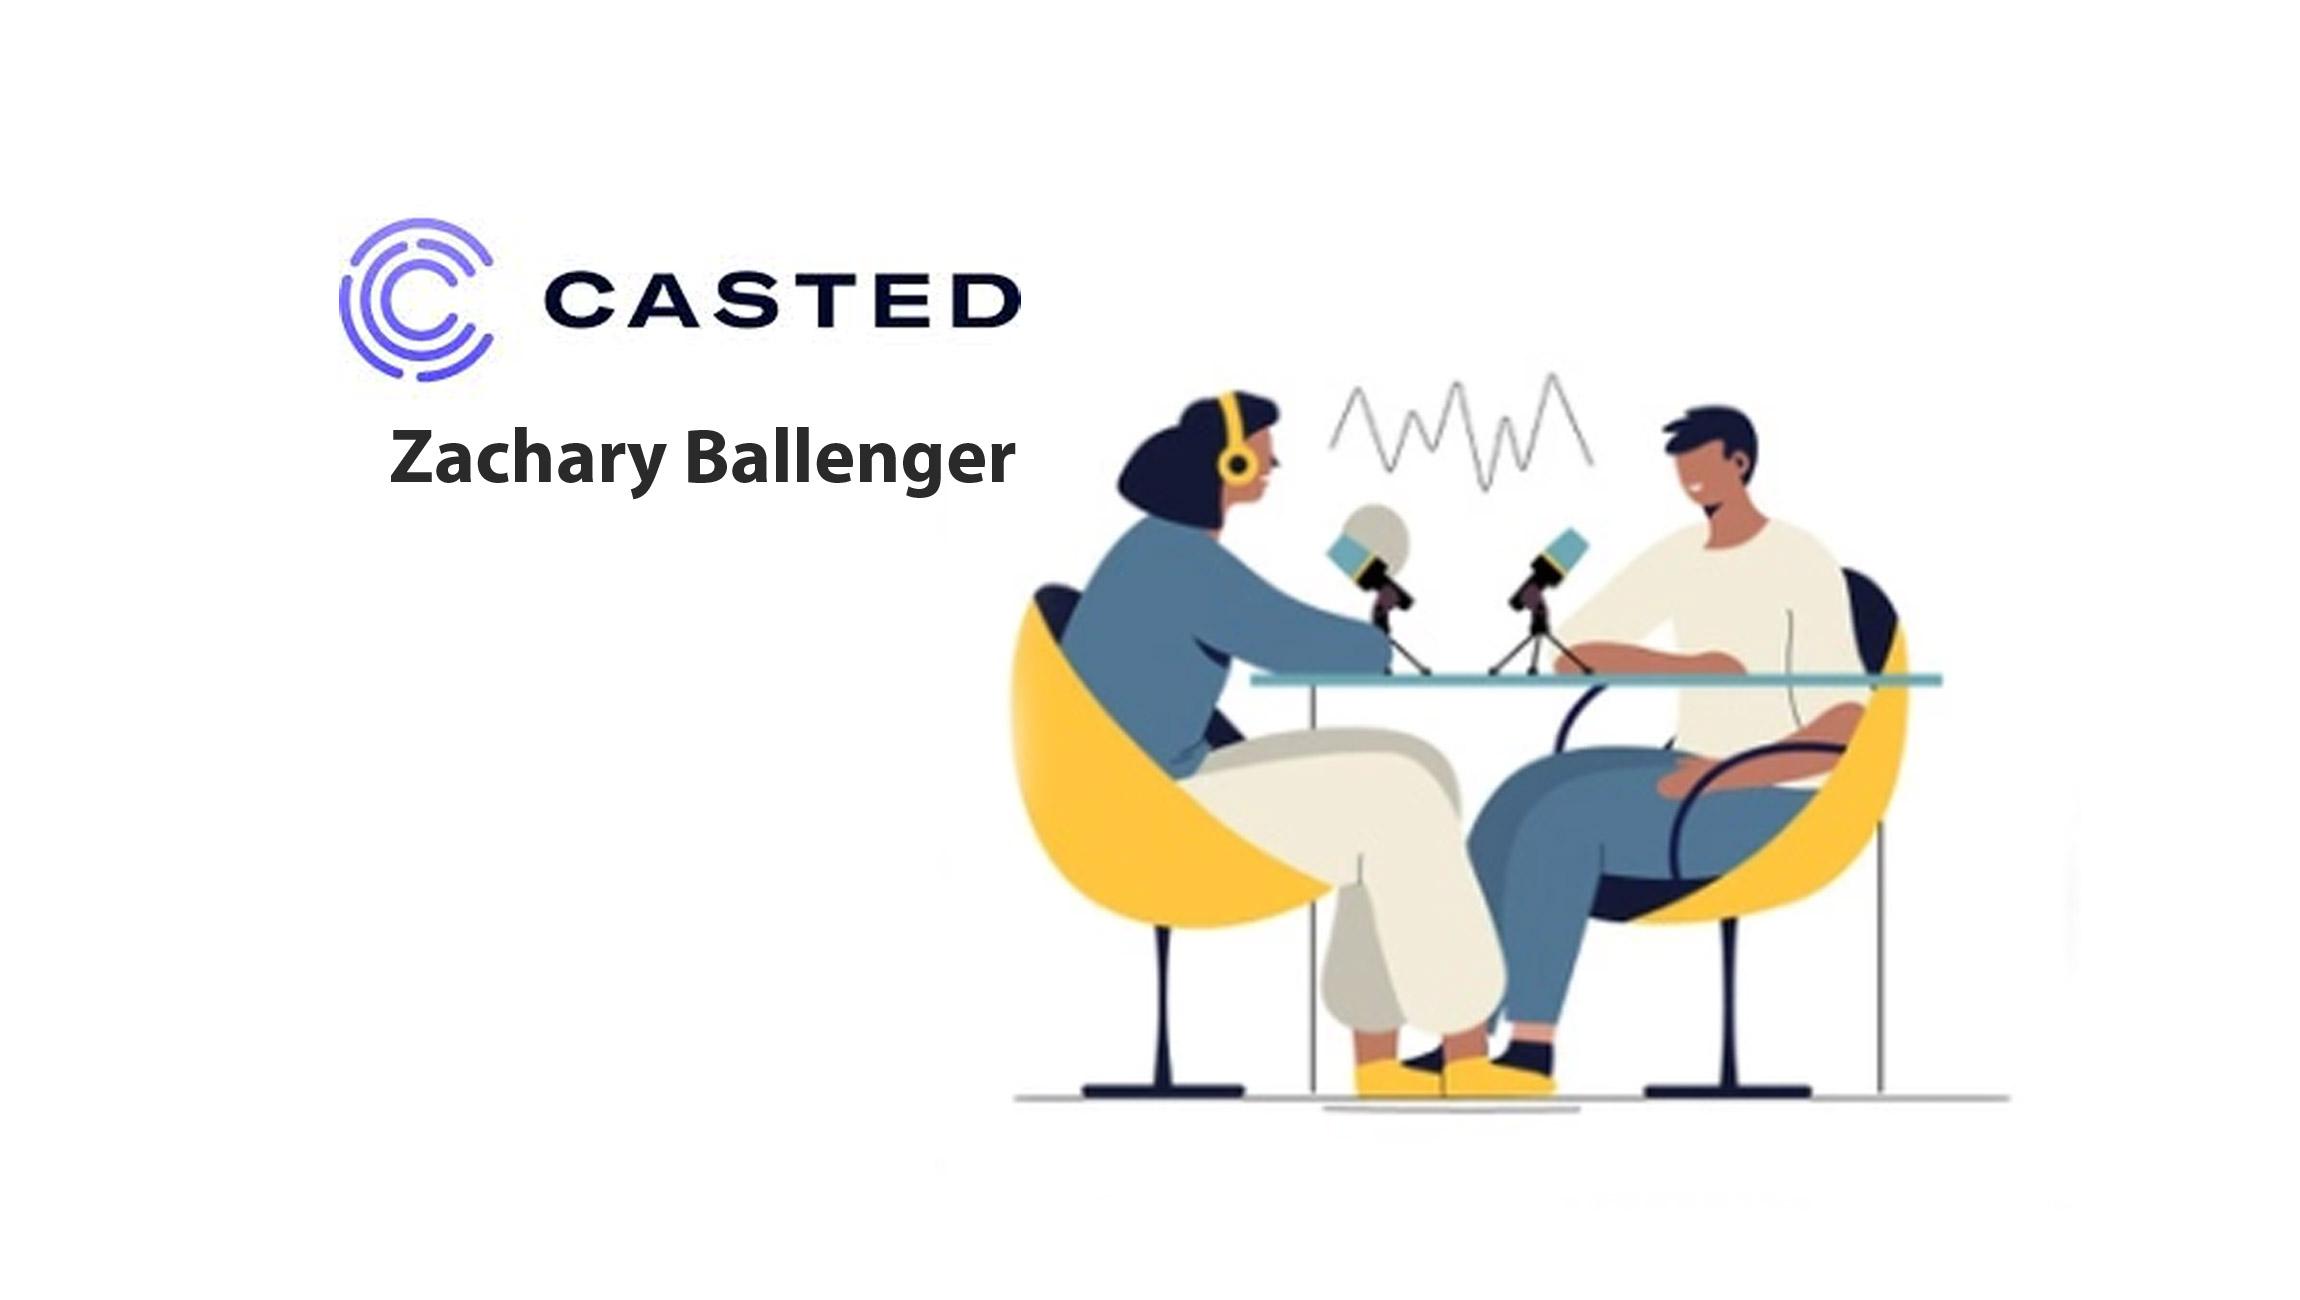 Zachary-Ballenger_SalesTechStar-Casted-guest